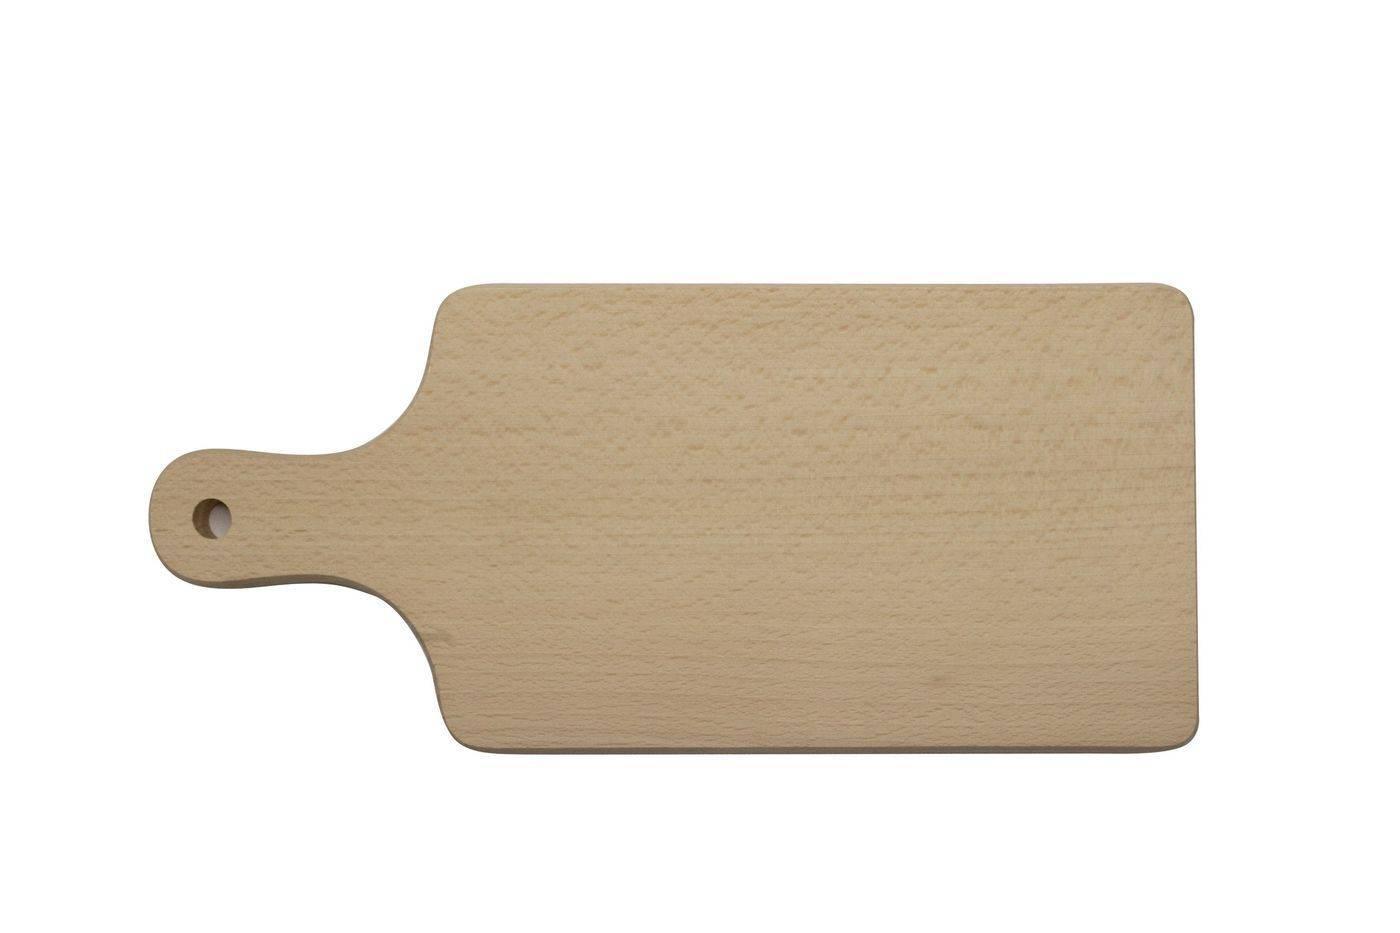 Prkénko s rukojetí, 350 x 155 x 16 mm - Dřevovýroba Otradov